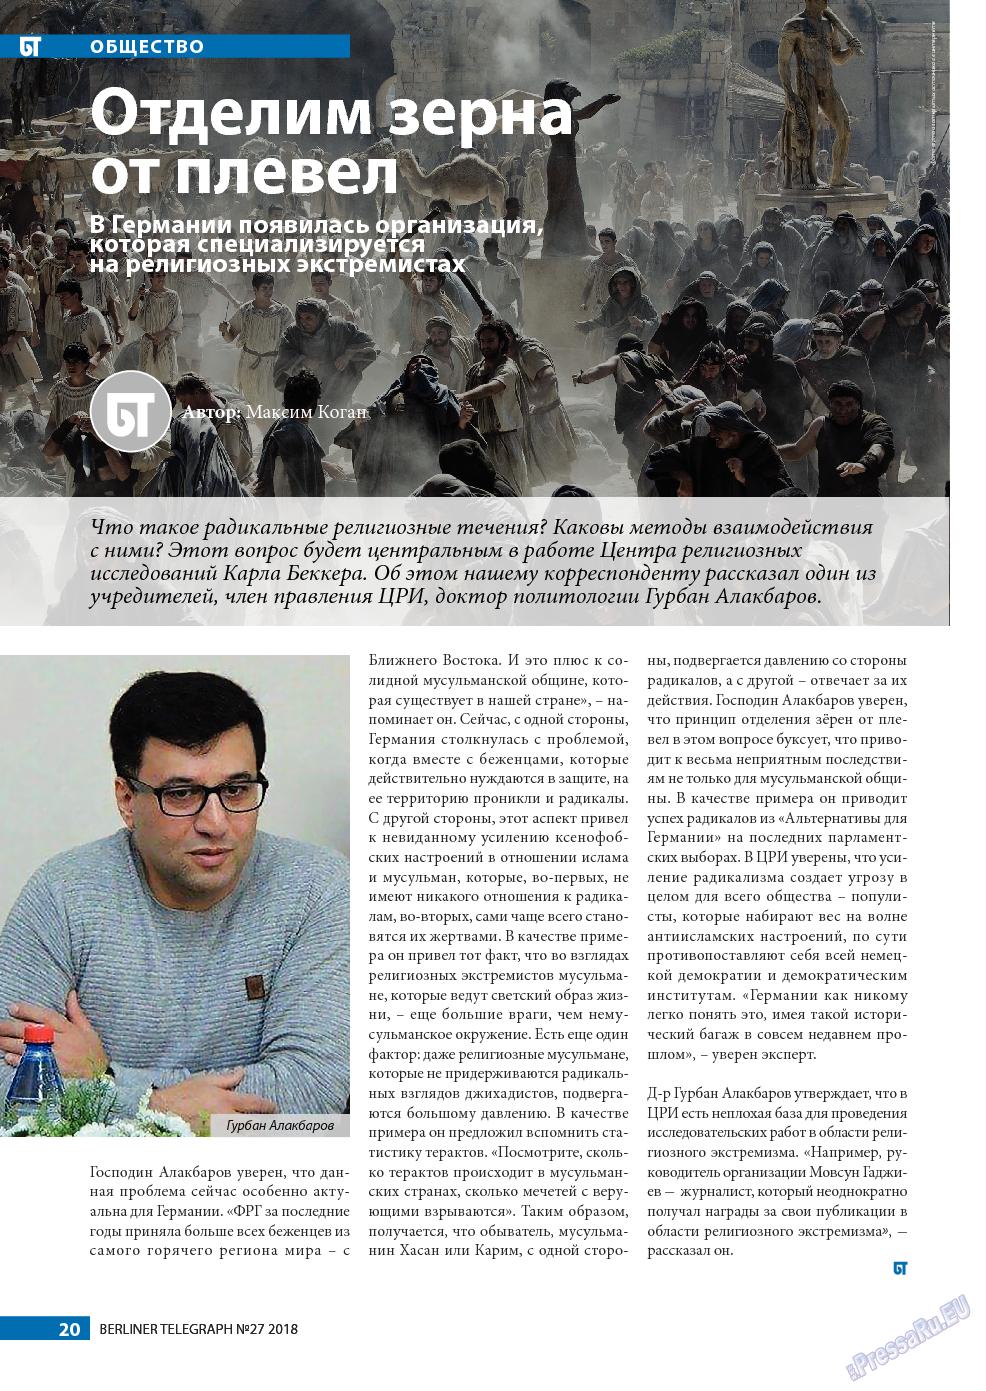 Берлинский телеграф (журнал). 2018 год, номер 27, стр. 20